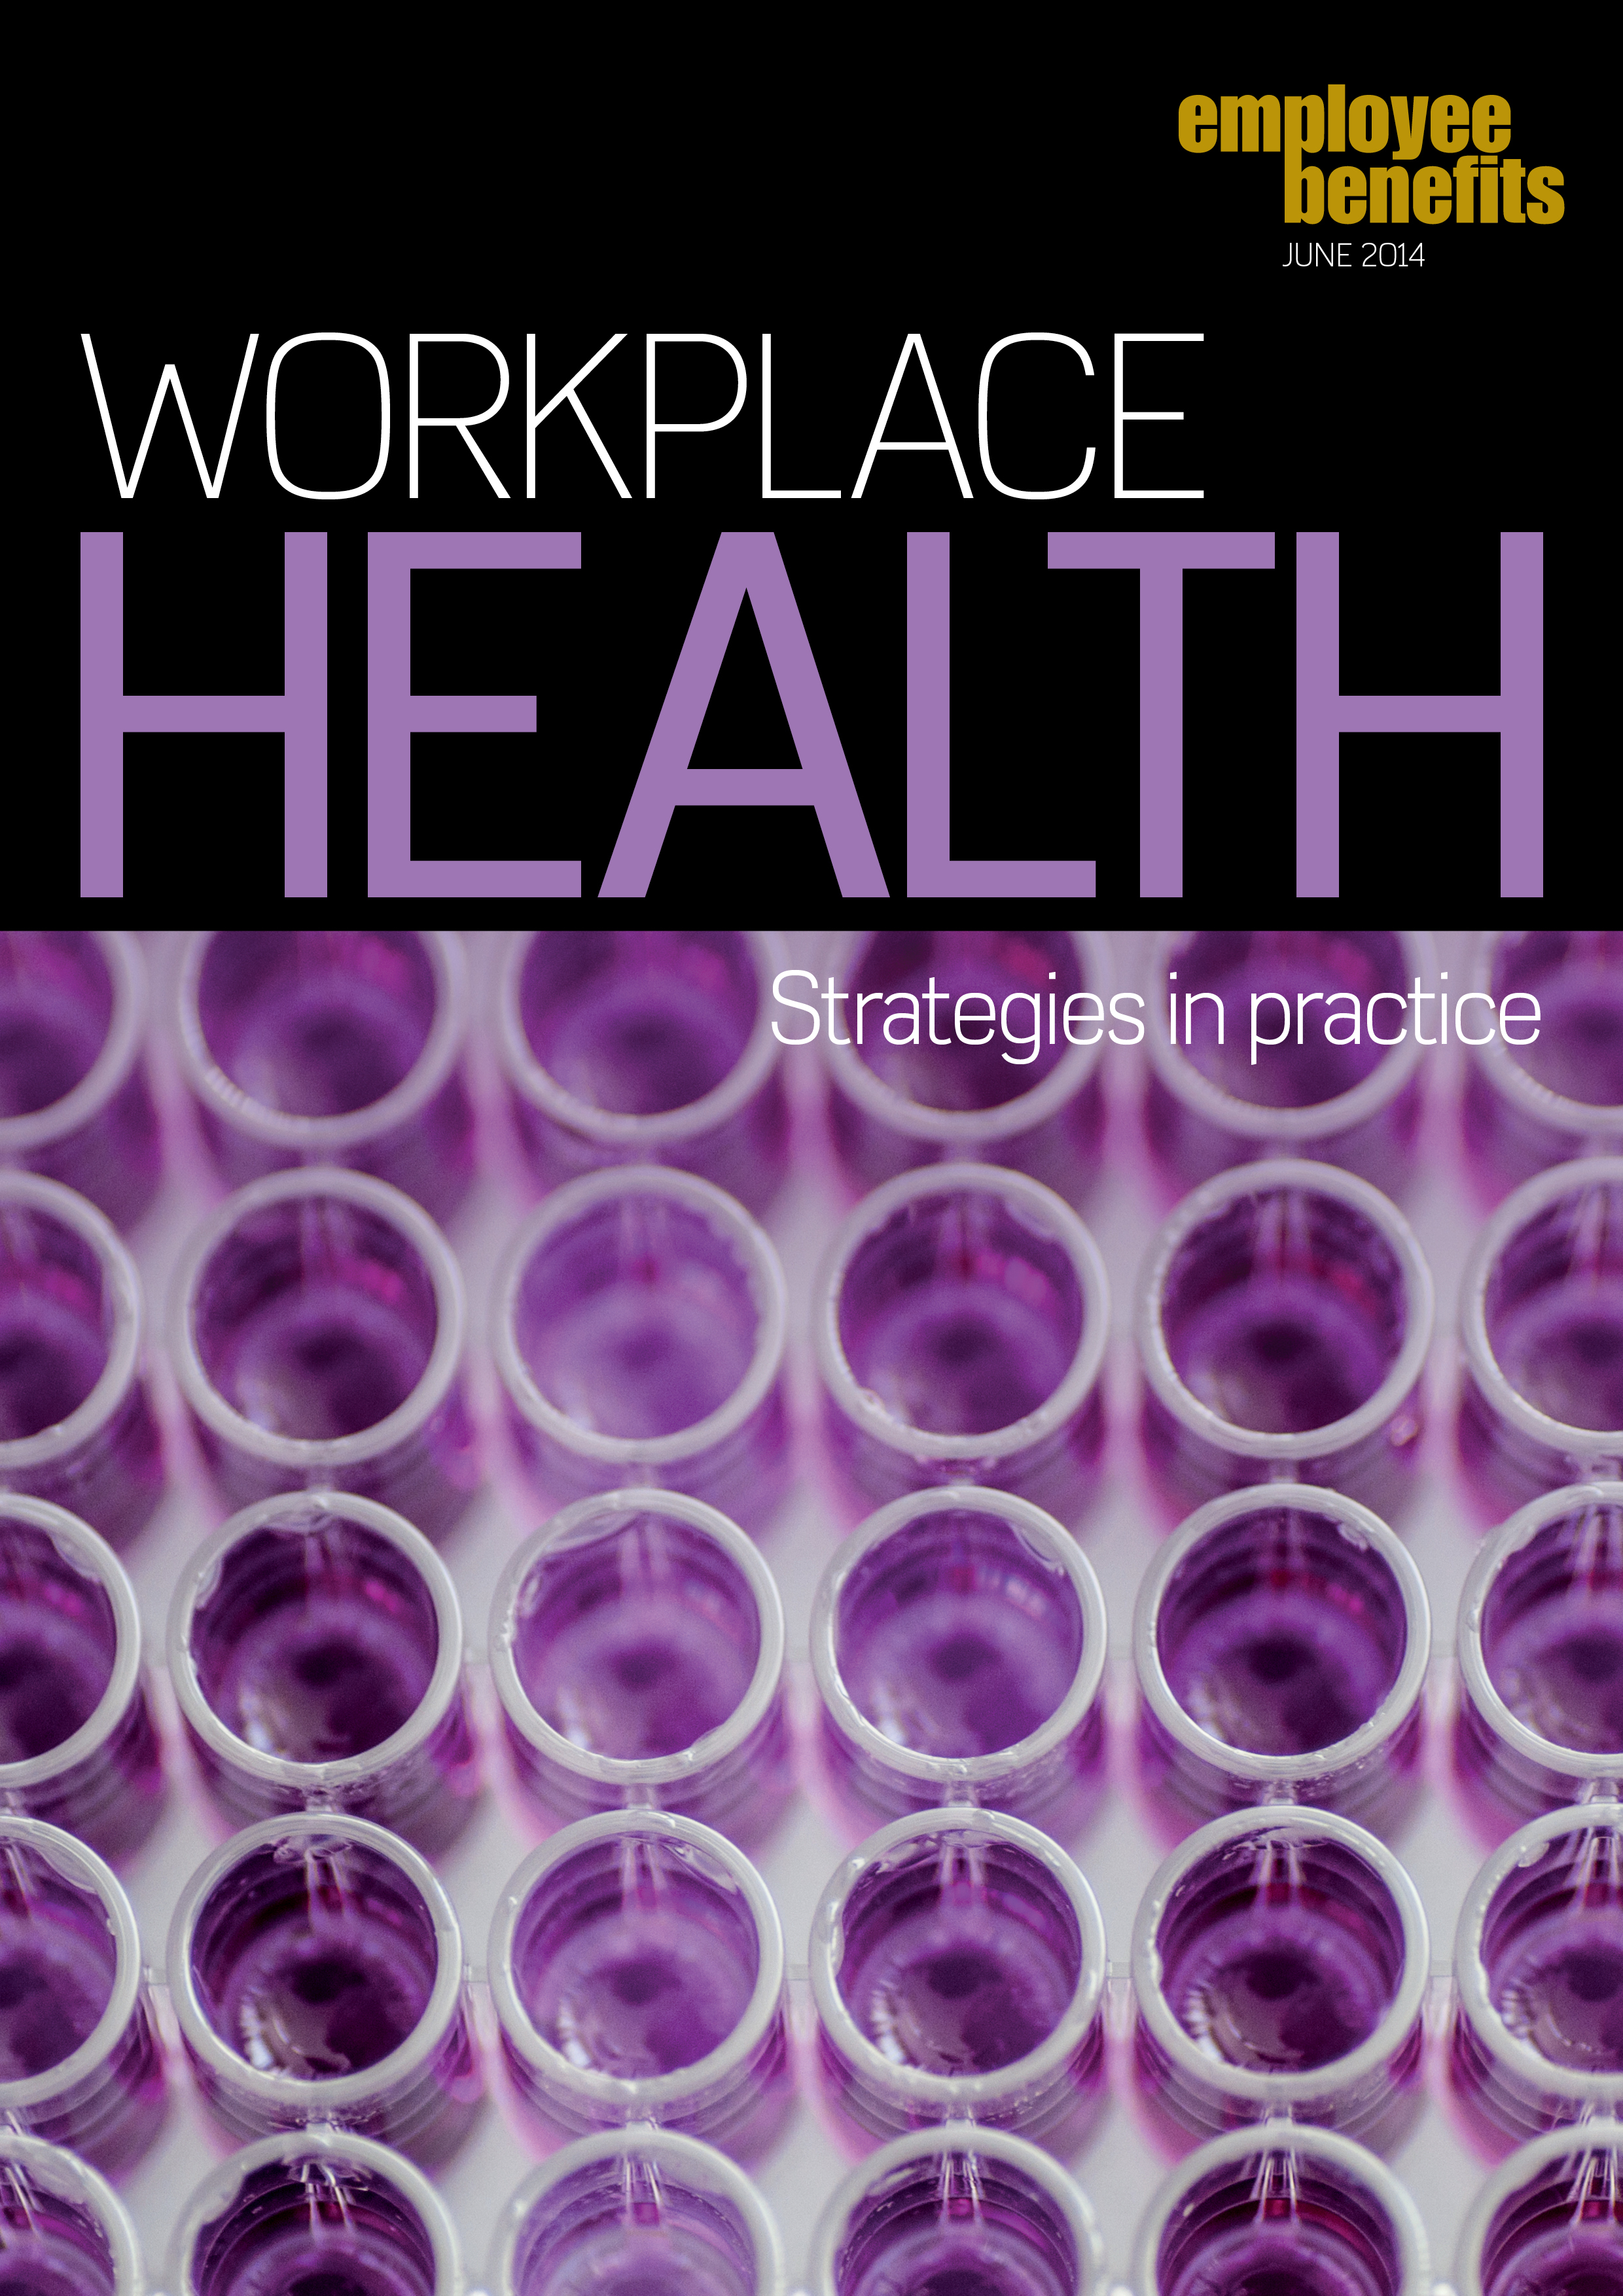 WorkplaceHealth-StrategiesInPractice-2014.jpg